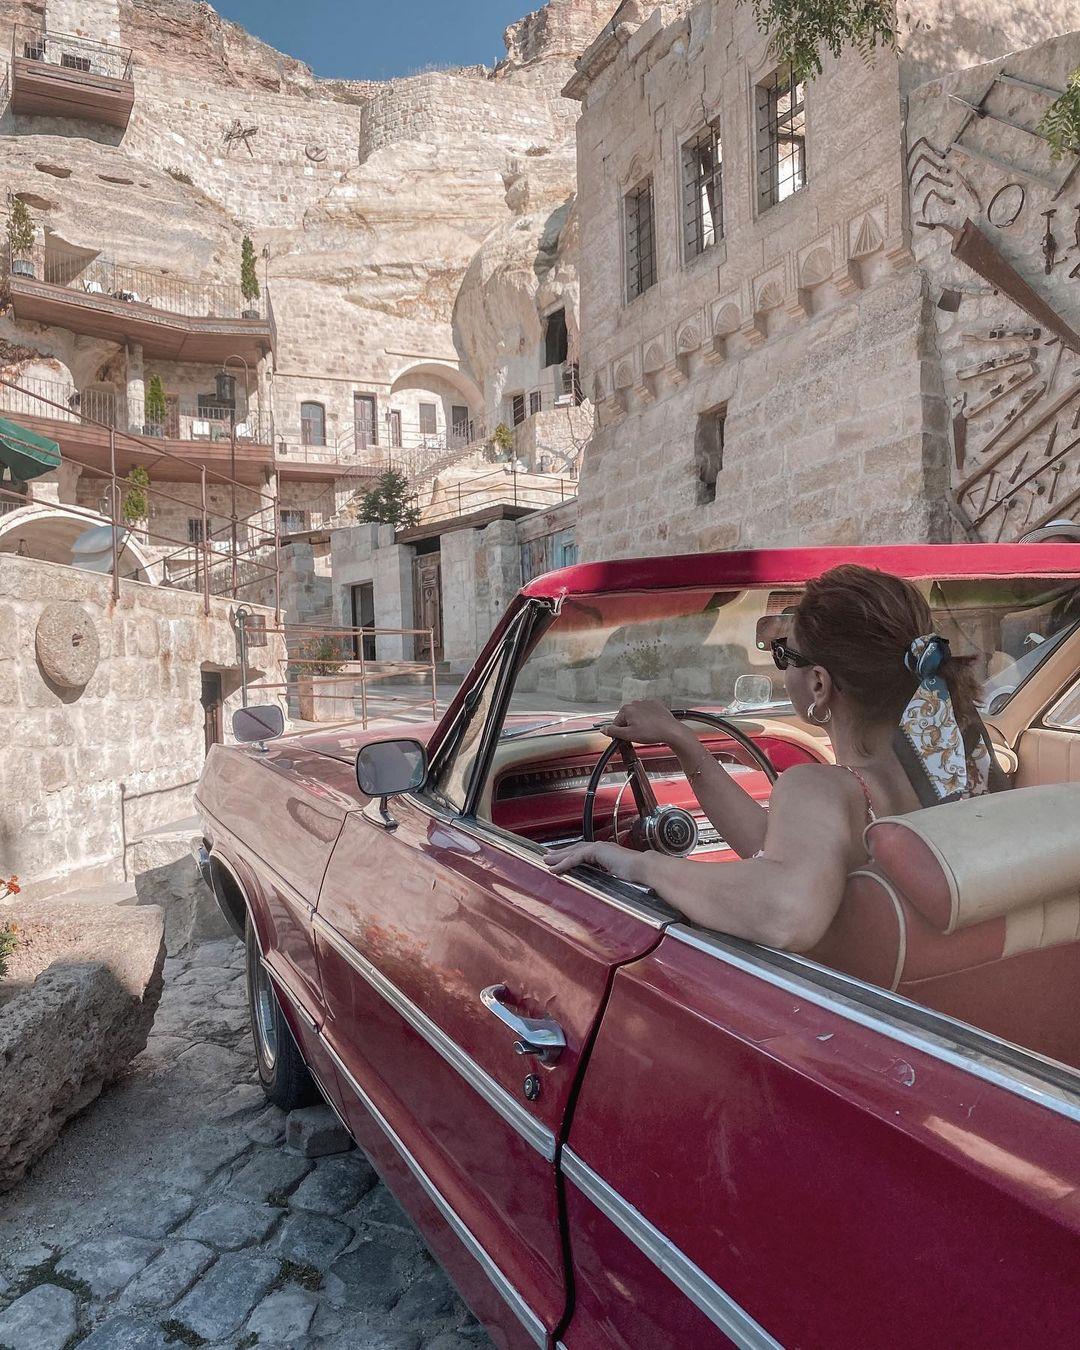 Khách sạn hang đá ở Thổ Nhĩ Kỳ 'sang chảnh' không kém resort nổi tiếng - 9